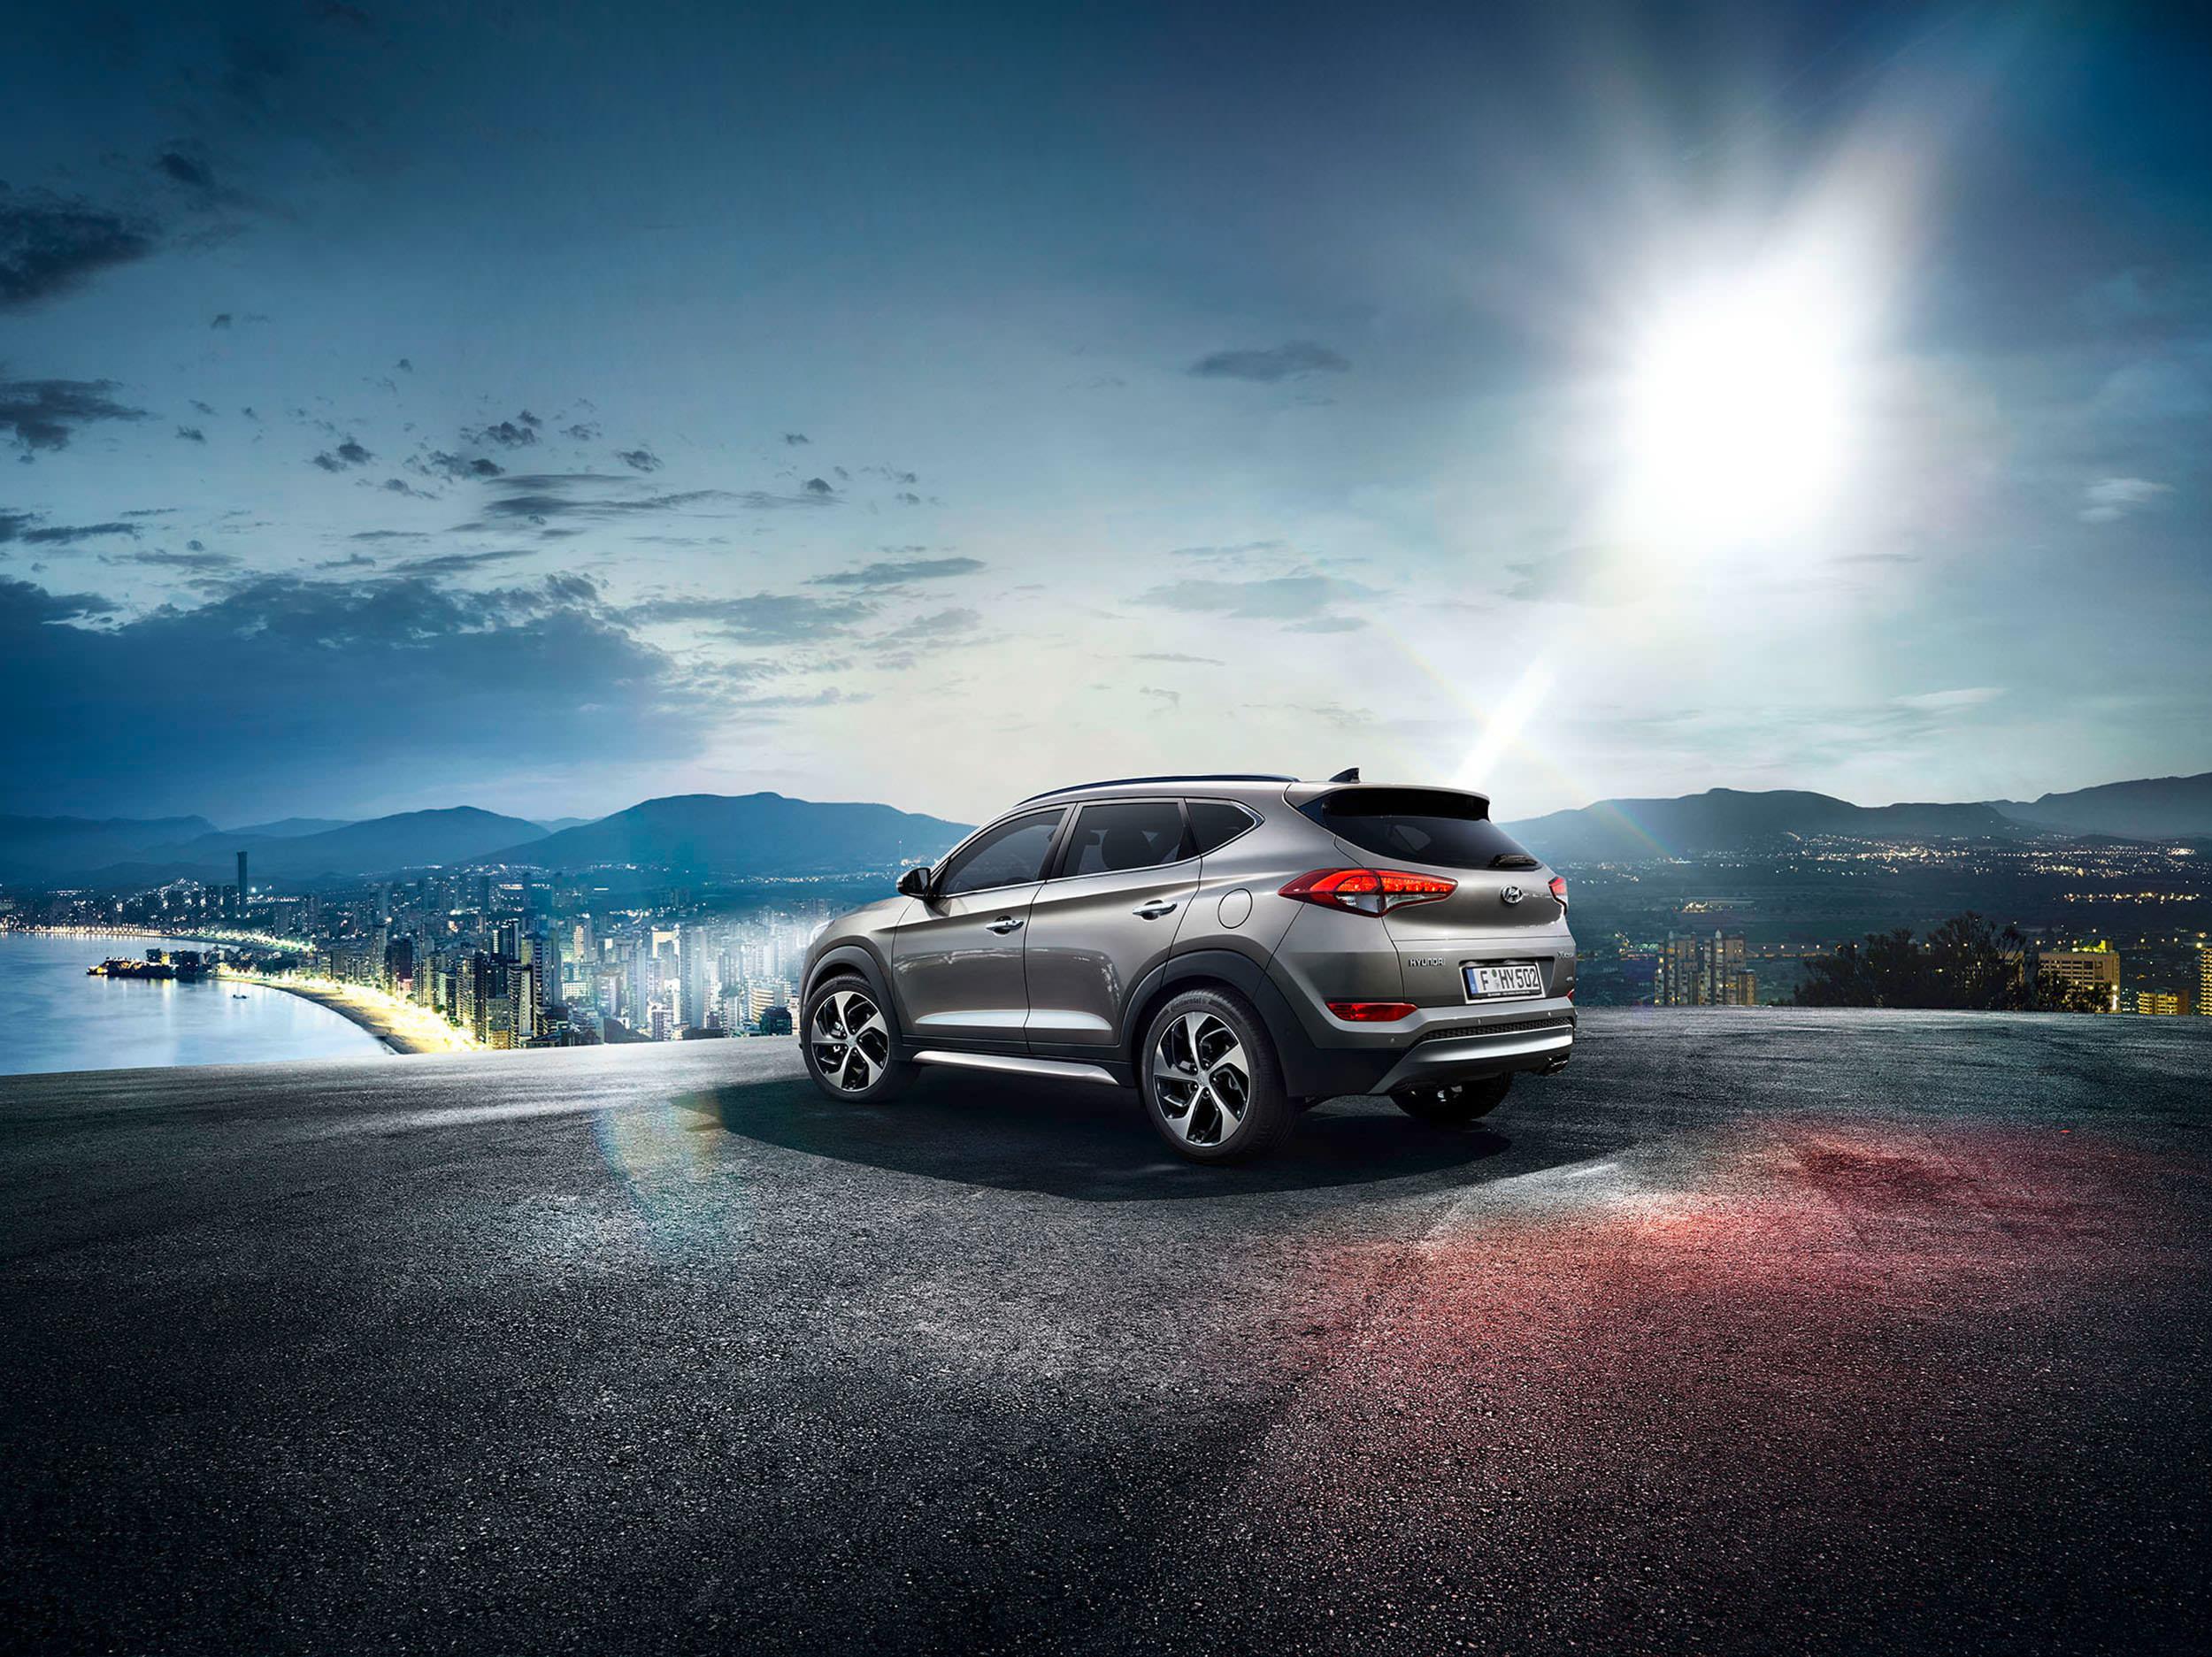 Puschmann Hyundai European Campaign